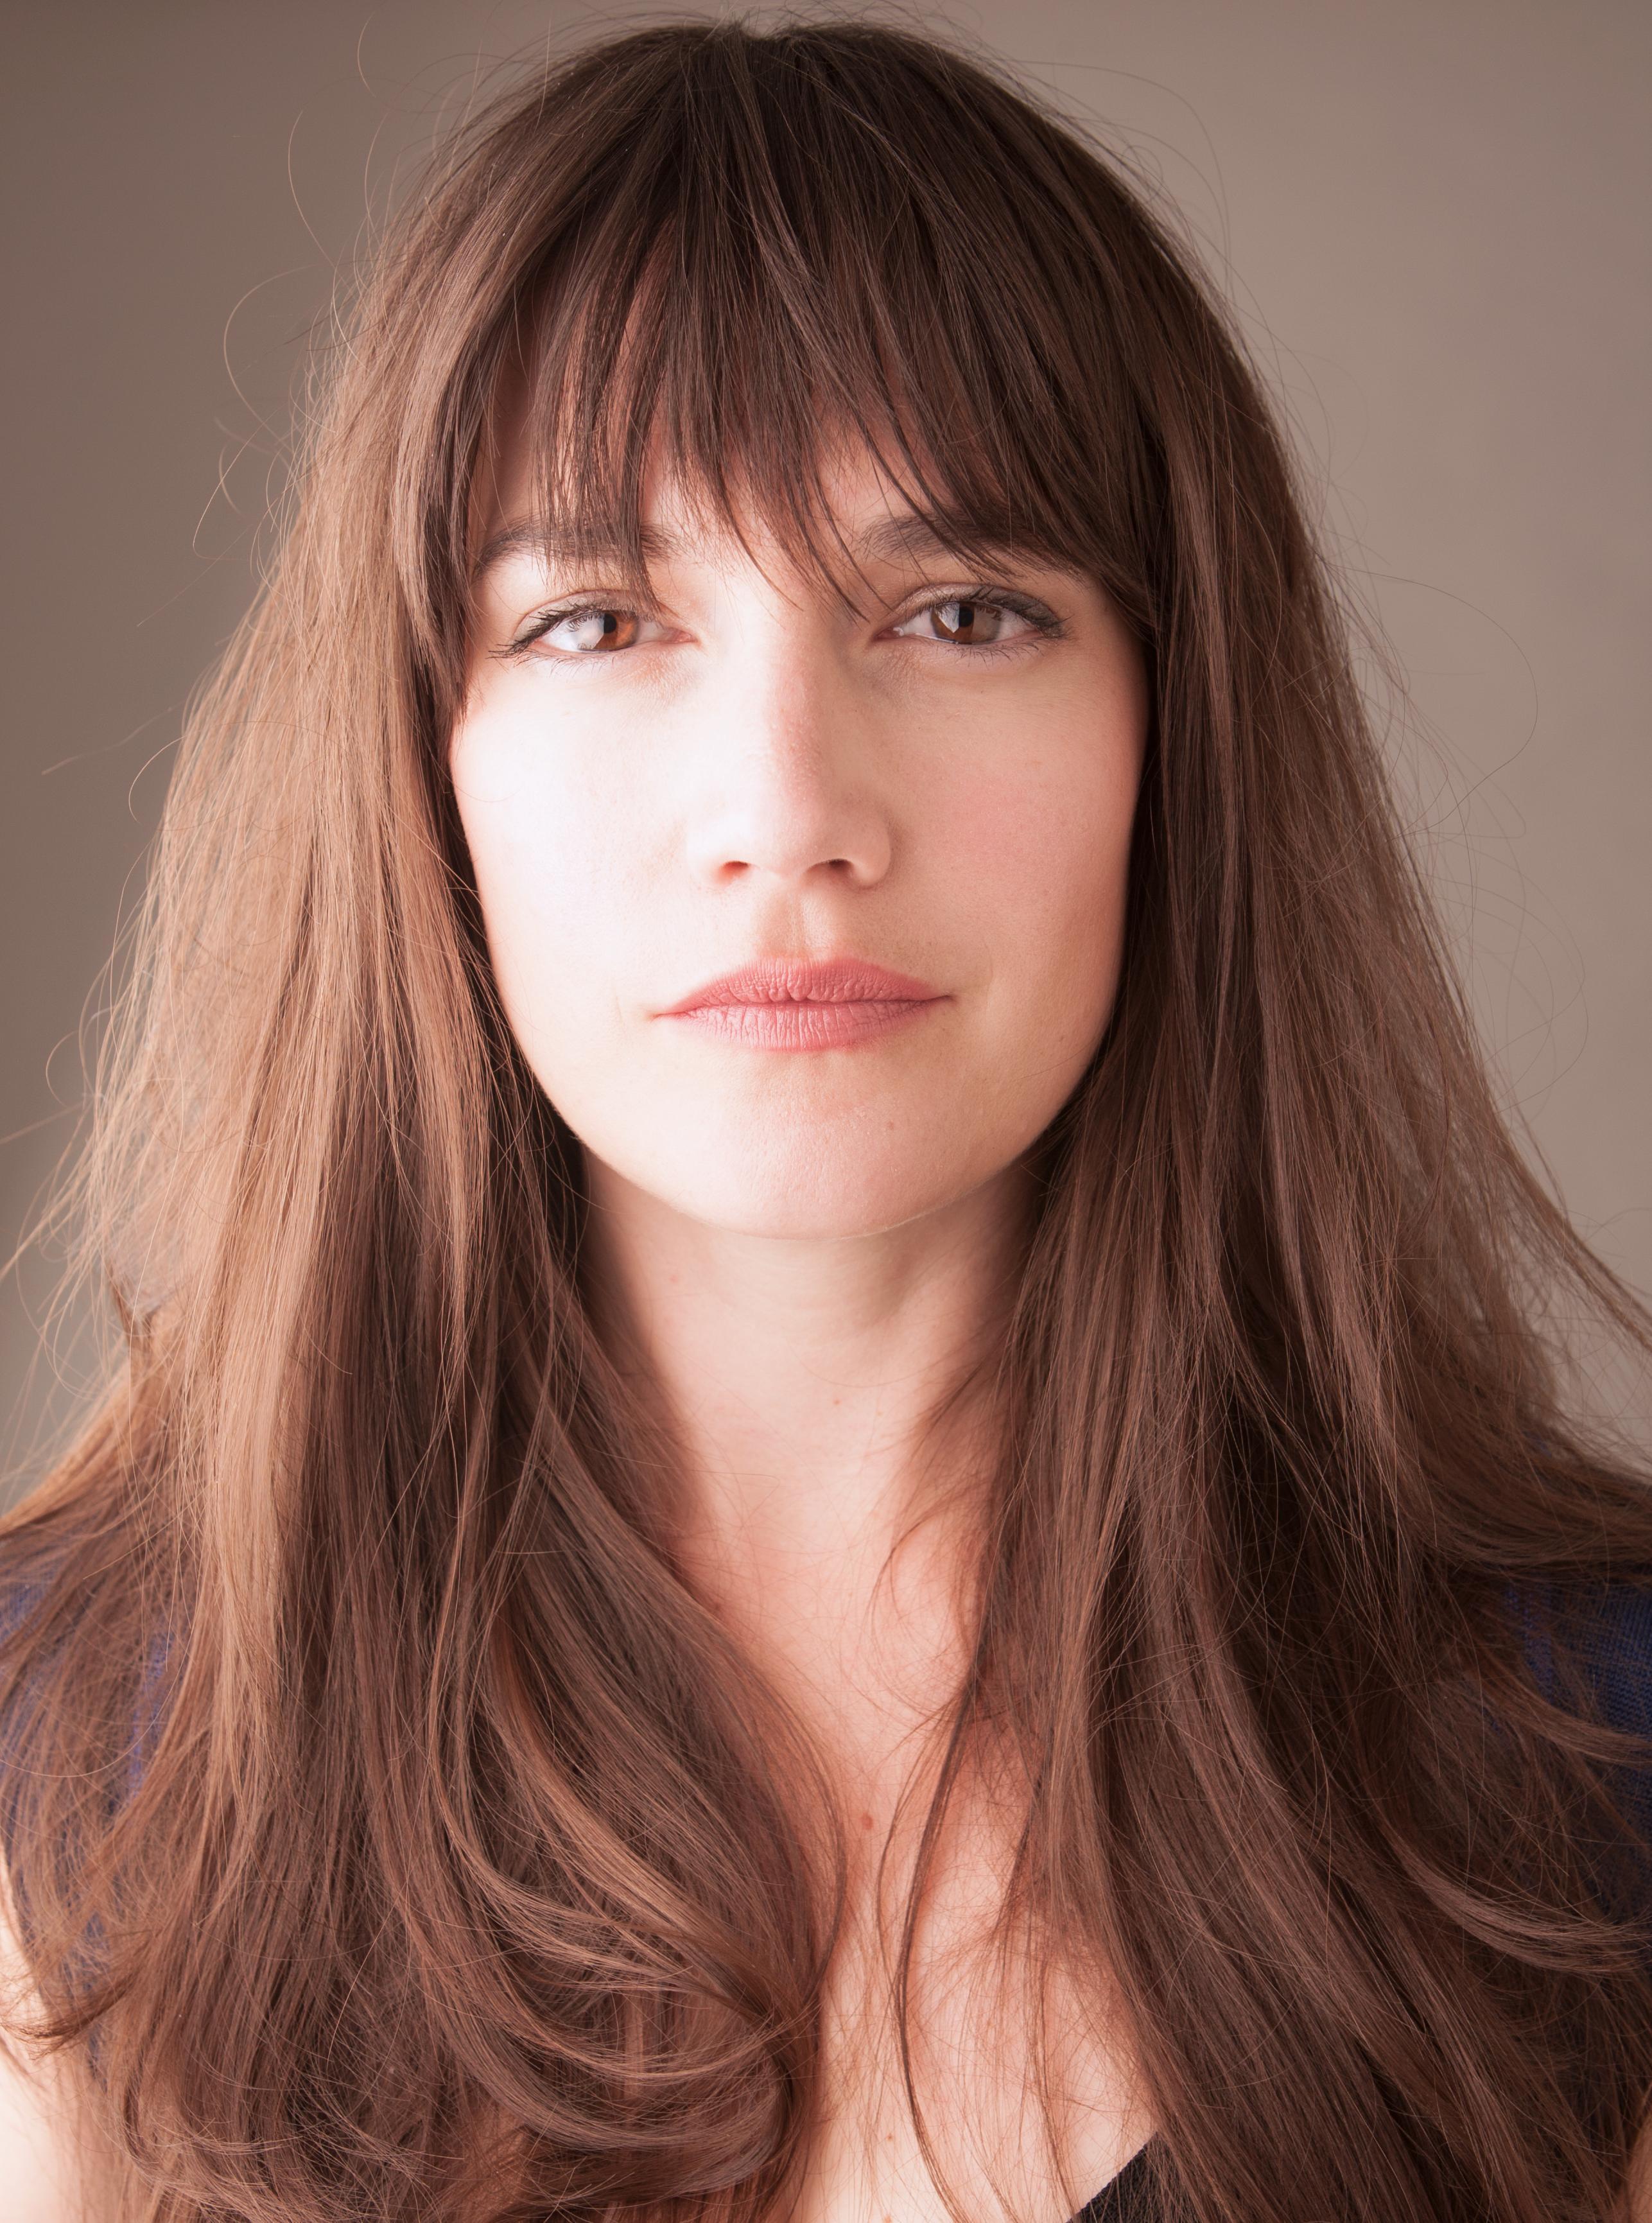 Megan Maczko